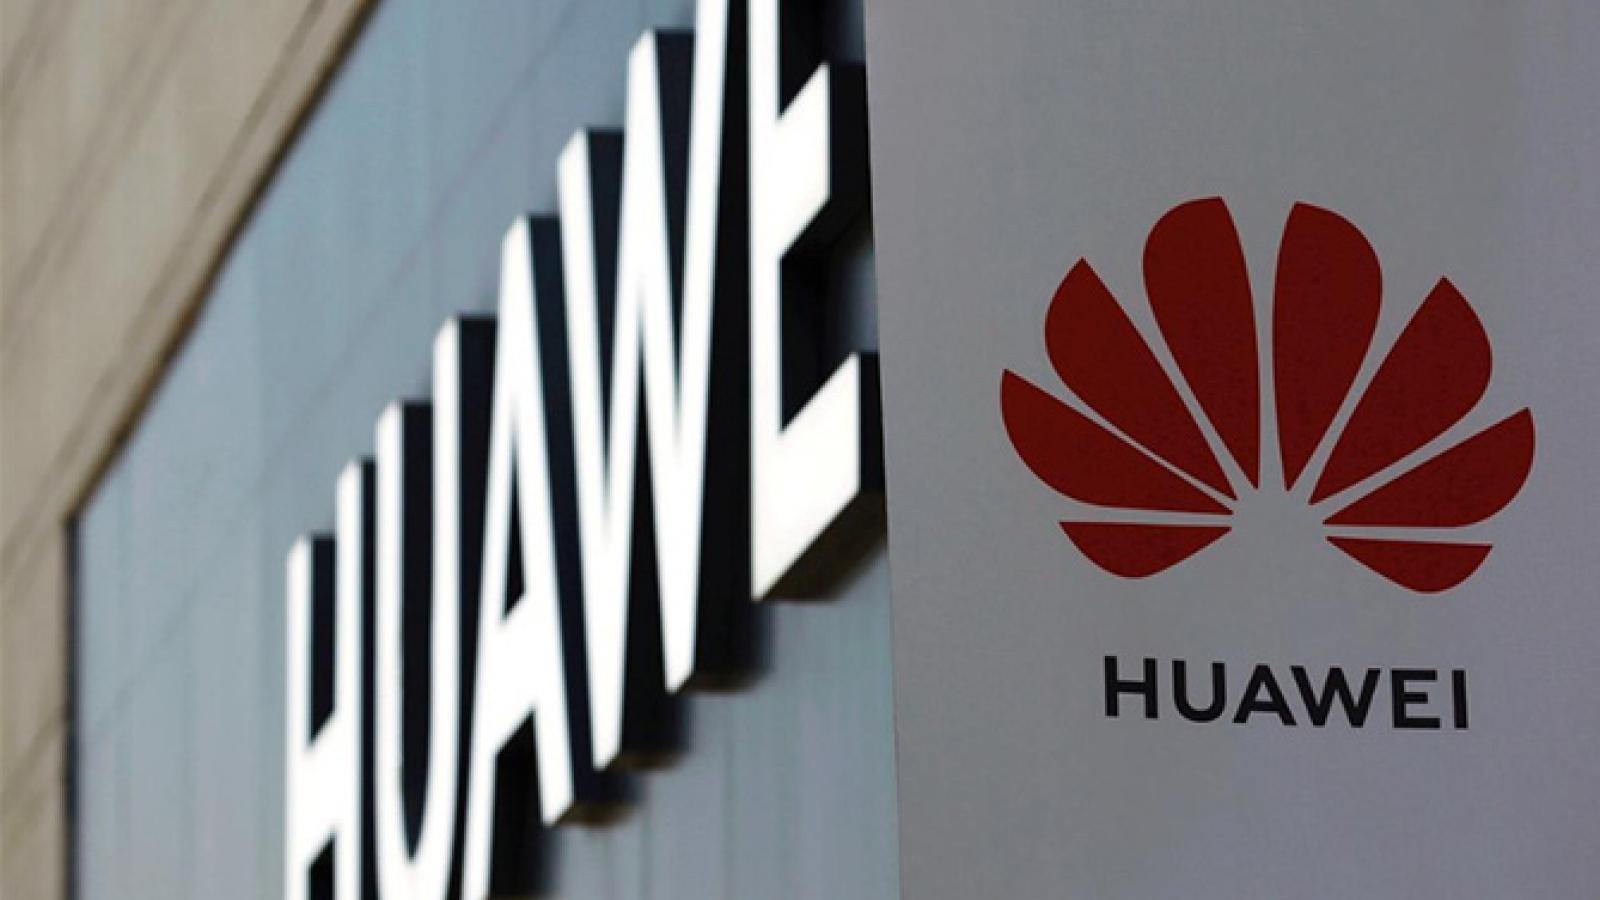 """Trung Quốc """"dọa"""" trả đũa Nokia nếu châu Âu cấm Huawei"""